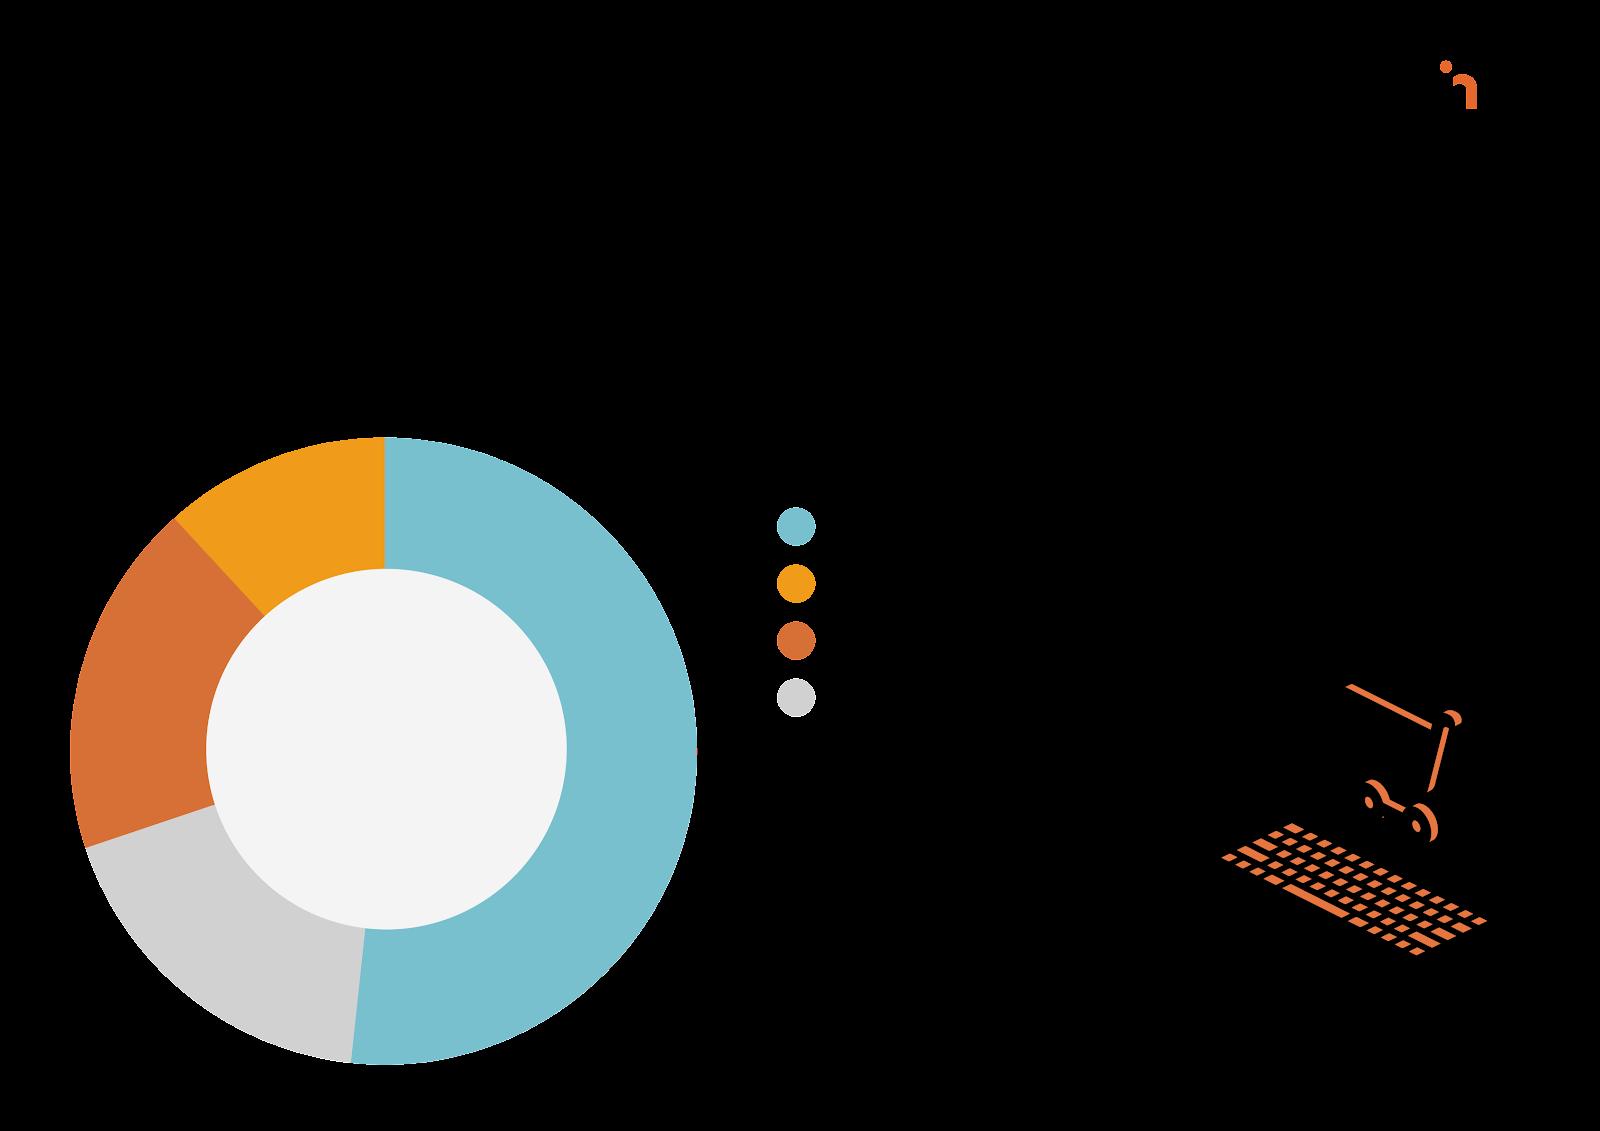 A kereskedők többsége bevételnövekedést tapasztalt 2020-ban - LogiNet Kereskedeő hangulatjelentése alapján